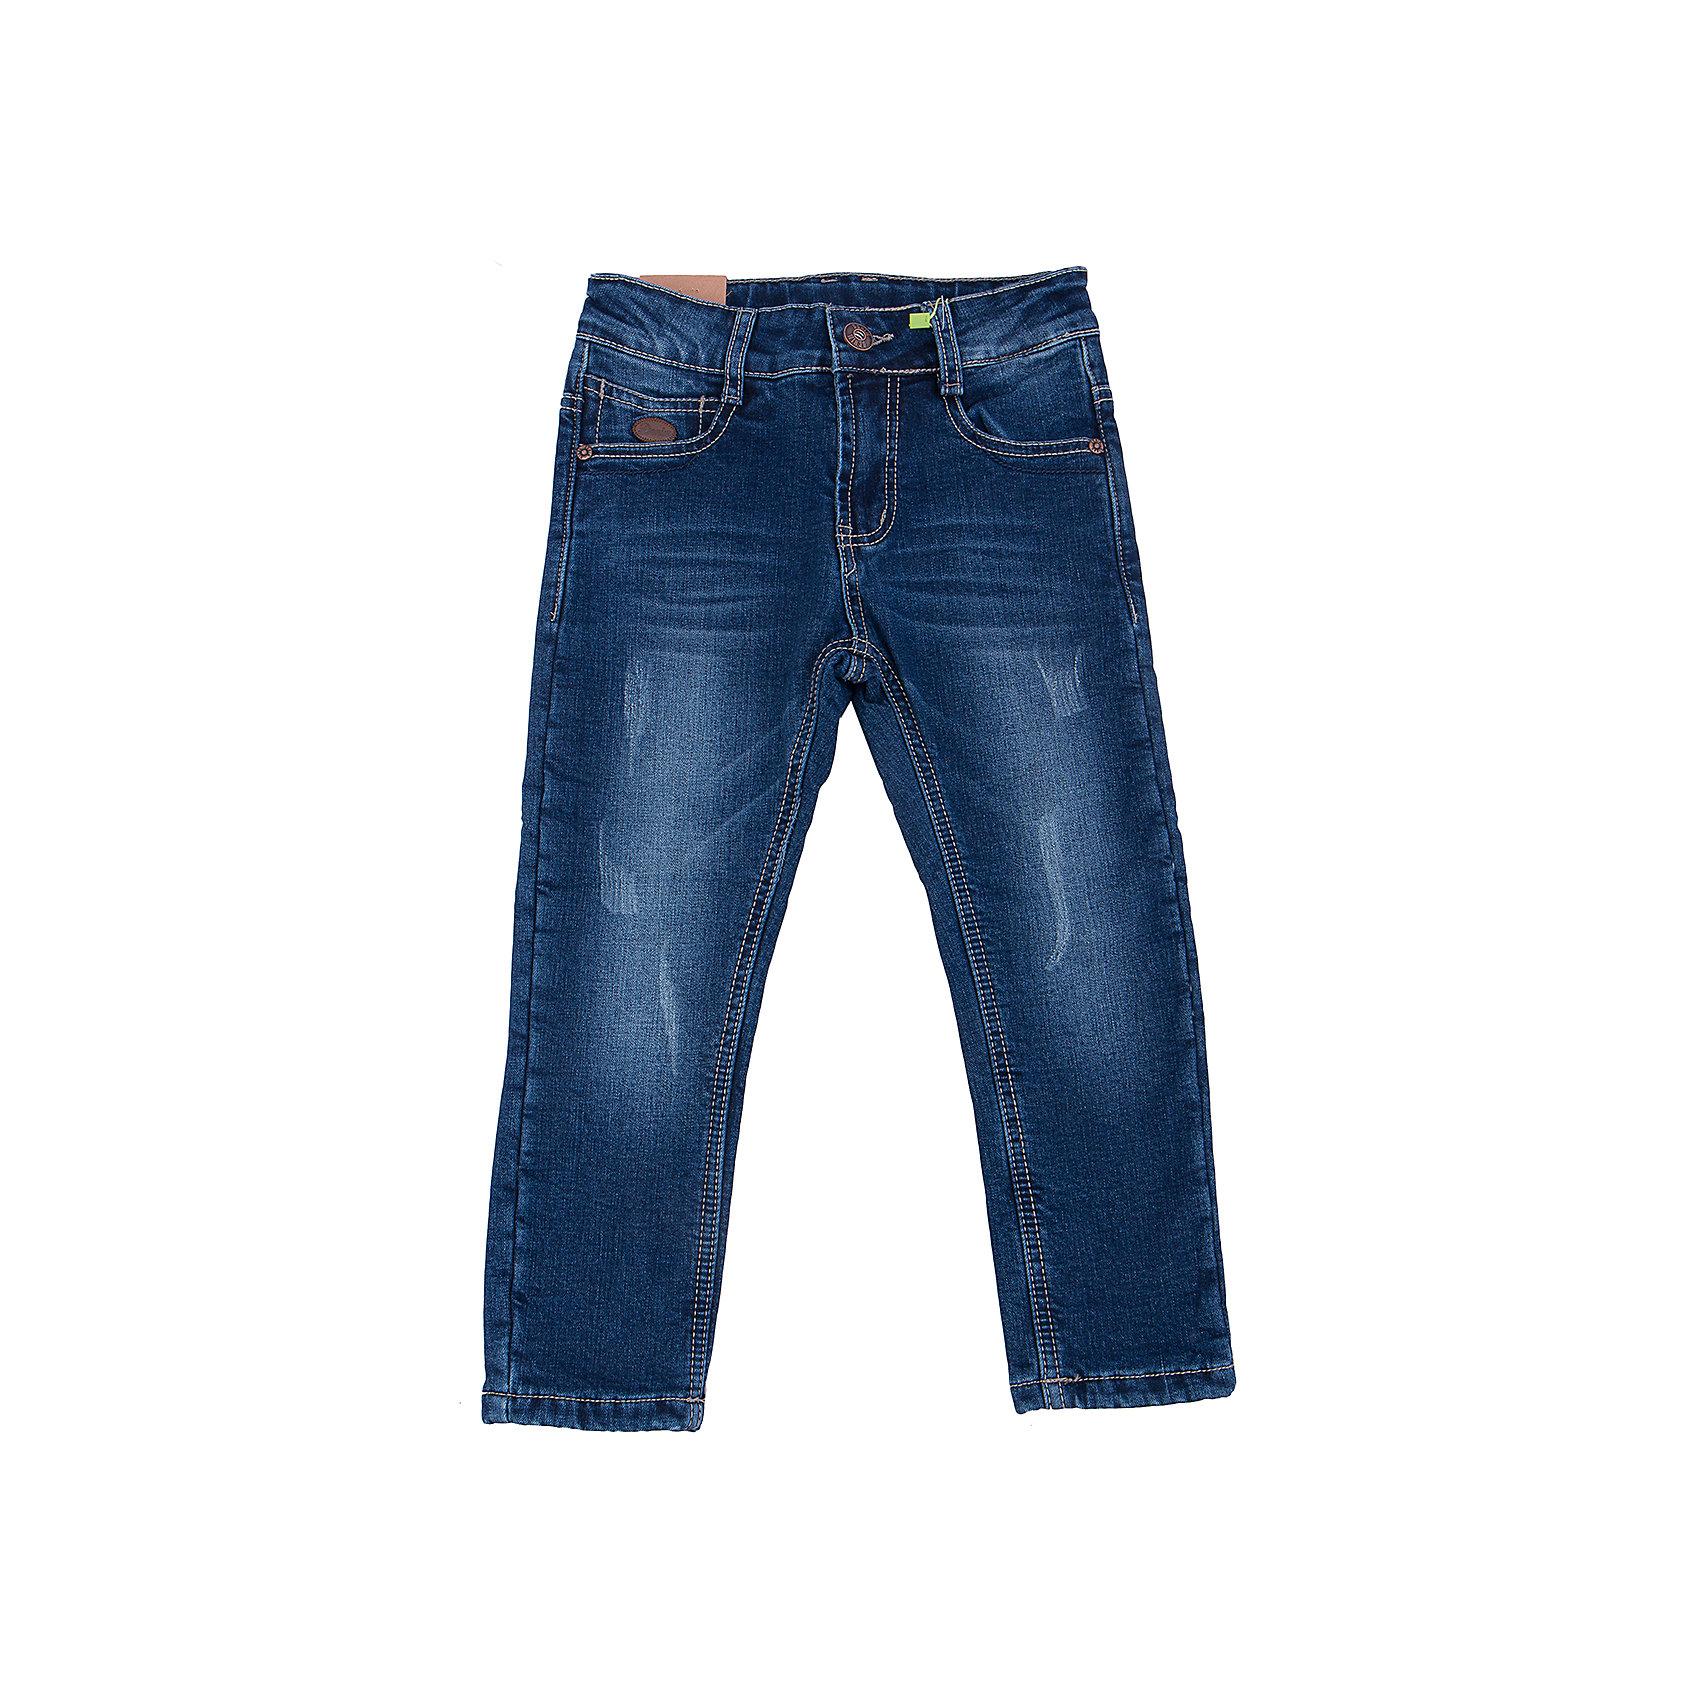 Джинсы для мальчика Sweet BerryТакая модель джинсов для мальчика отличается модным дизайном с контрастной прострочкой и потертостями. Удачный крой обеспечит ребенку комфорт и тепло. Мягкая и теплая подкладка делает вещь идеальной для прохладной погоды. Она плотно прилегает к телу там, где нужно, и отлично сидит по фигуре. Джинсы имеют удобный пояс с регулировкой внутри. Натуральный хлопок обеспечит коже возможность дышать и не вызовет аллергии.<br>Одежда от бренда Sweet Berry - это простой и выгодный способ одеть ребенка удобно и стильно. Всё изделия тщательно проработаны: швы - прочные, материал - качественный, фурнитура - подобранная специально для детей. <br><br>Дополнительная информация:<br><br>цвет: синий;<br>имитация потертостей;<br>материал: 98% хлопок, 2% эластан, подкладка - 100% полиэстер;<br>пояс с регулировкой внутри.<br><br>Джинсы для мальчика от бренда Sweet Berry можно купить в нашем интернет-магазине.<br><br>Ширина мм: 215<br>Глубина мм: 88<br>Высота мм: 191<br>Вес г: 336<br>Цвет: синий<br>Возраст от месяцев: 36<br>Возраст до месяцев: 48<br>Пол: Мужской<br>Возраст: Детский<br>Размер: 104,98,128,122,116,110<br>SKU: 4930585